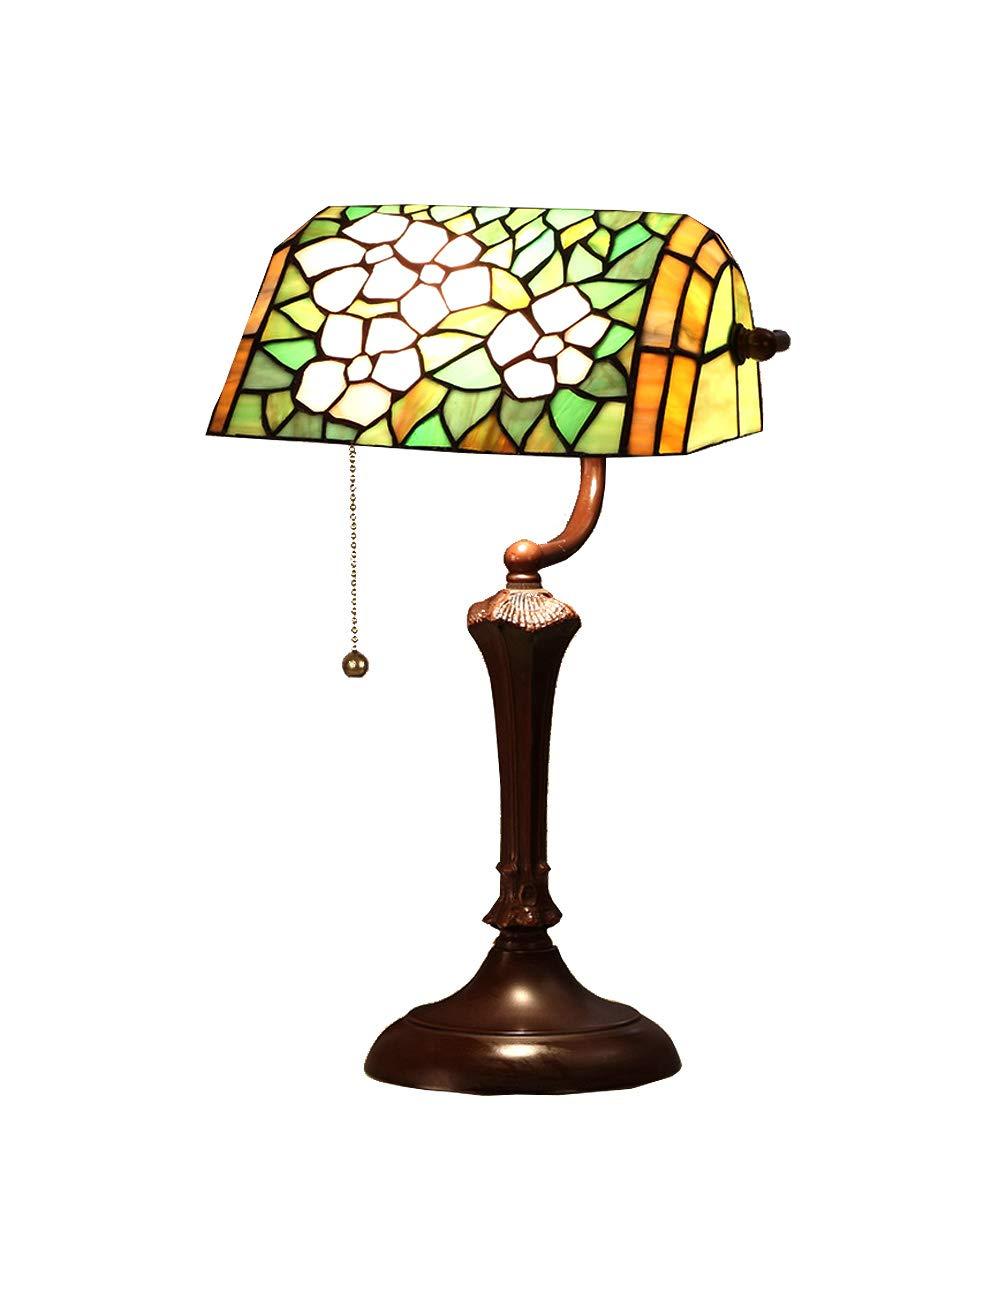 KCoob Lamp Tischset Farbe Grün Antik Stehende Holzsockel für Wohnzimmer